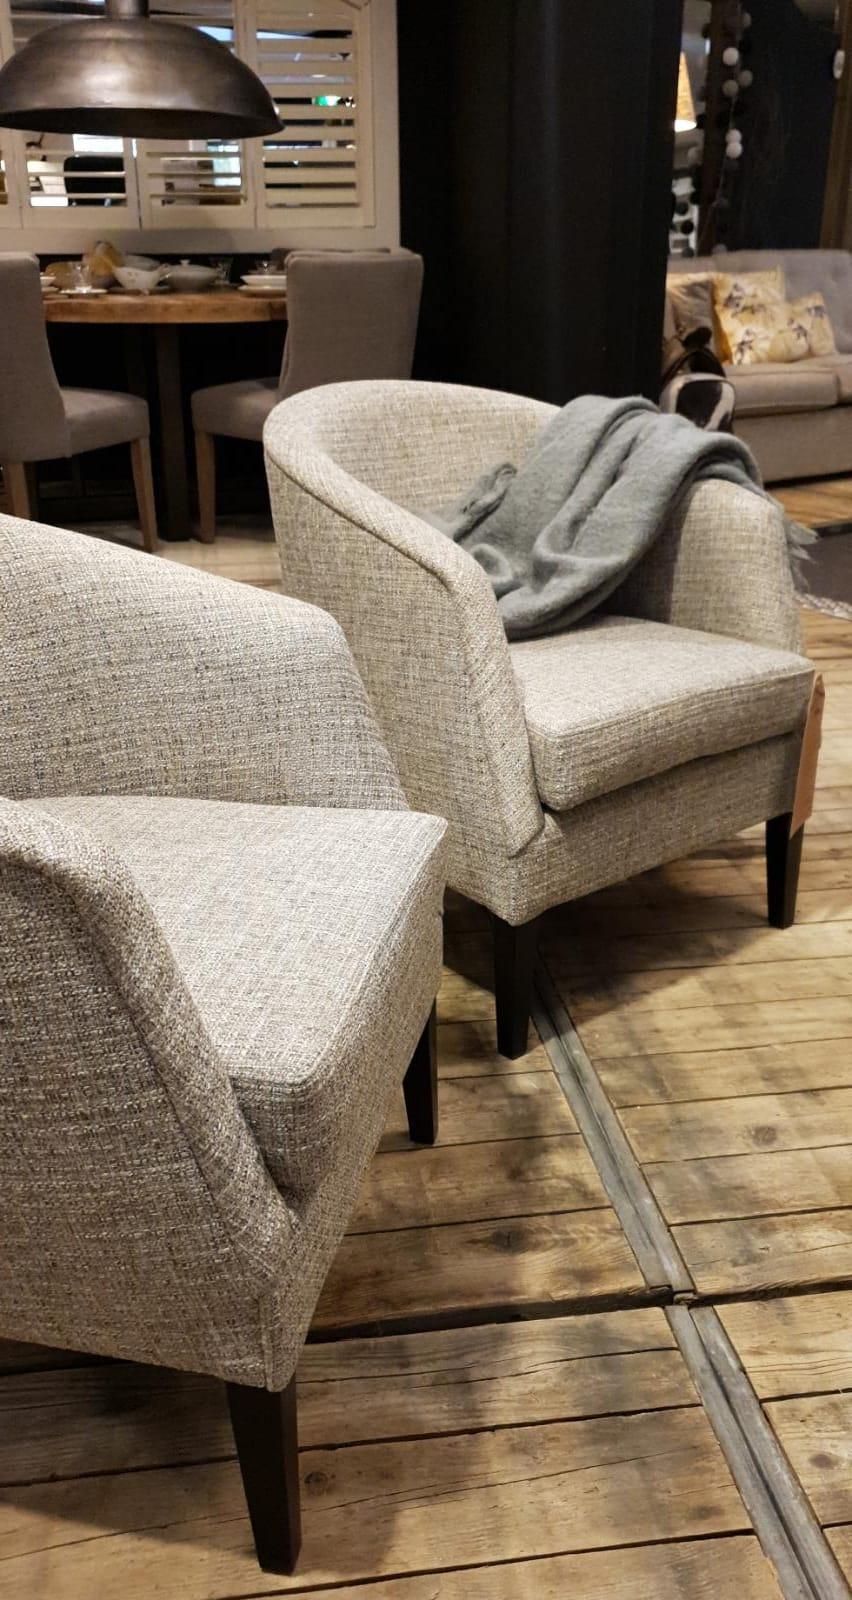 Landelijke fauteuils kopen. Verkoop van landelijke stoelen bij Verschoor Wonen.